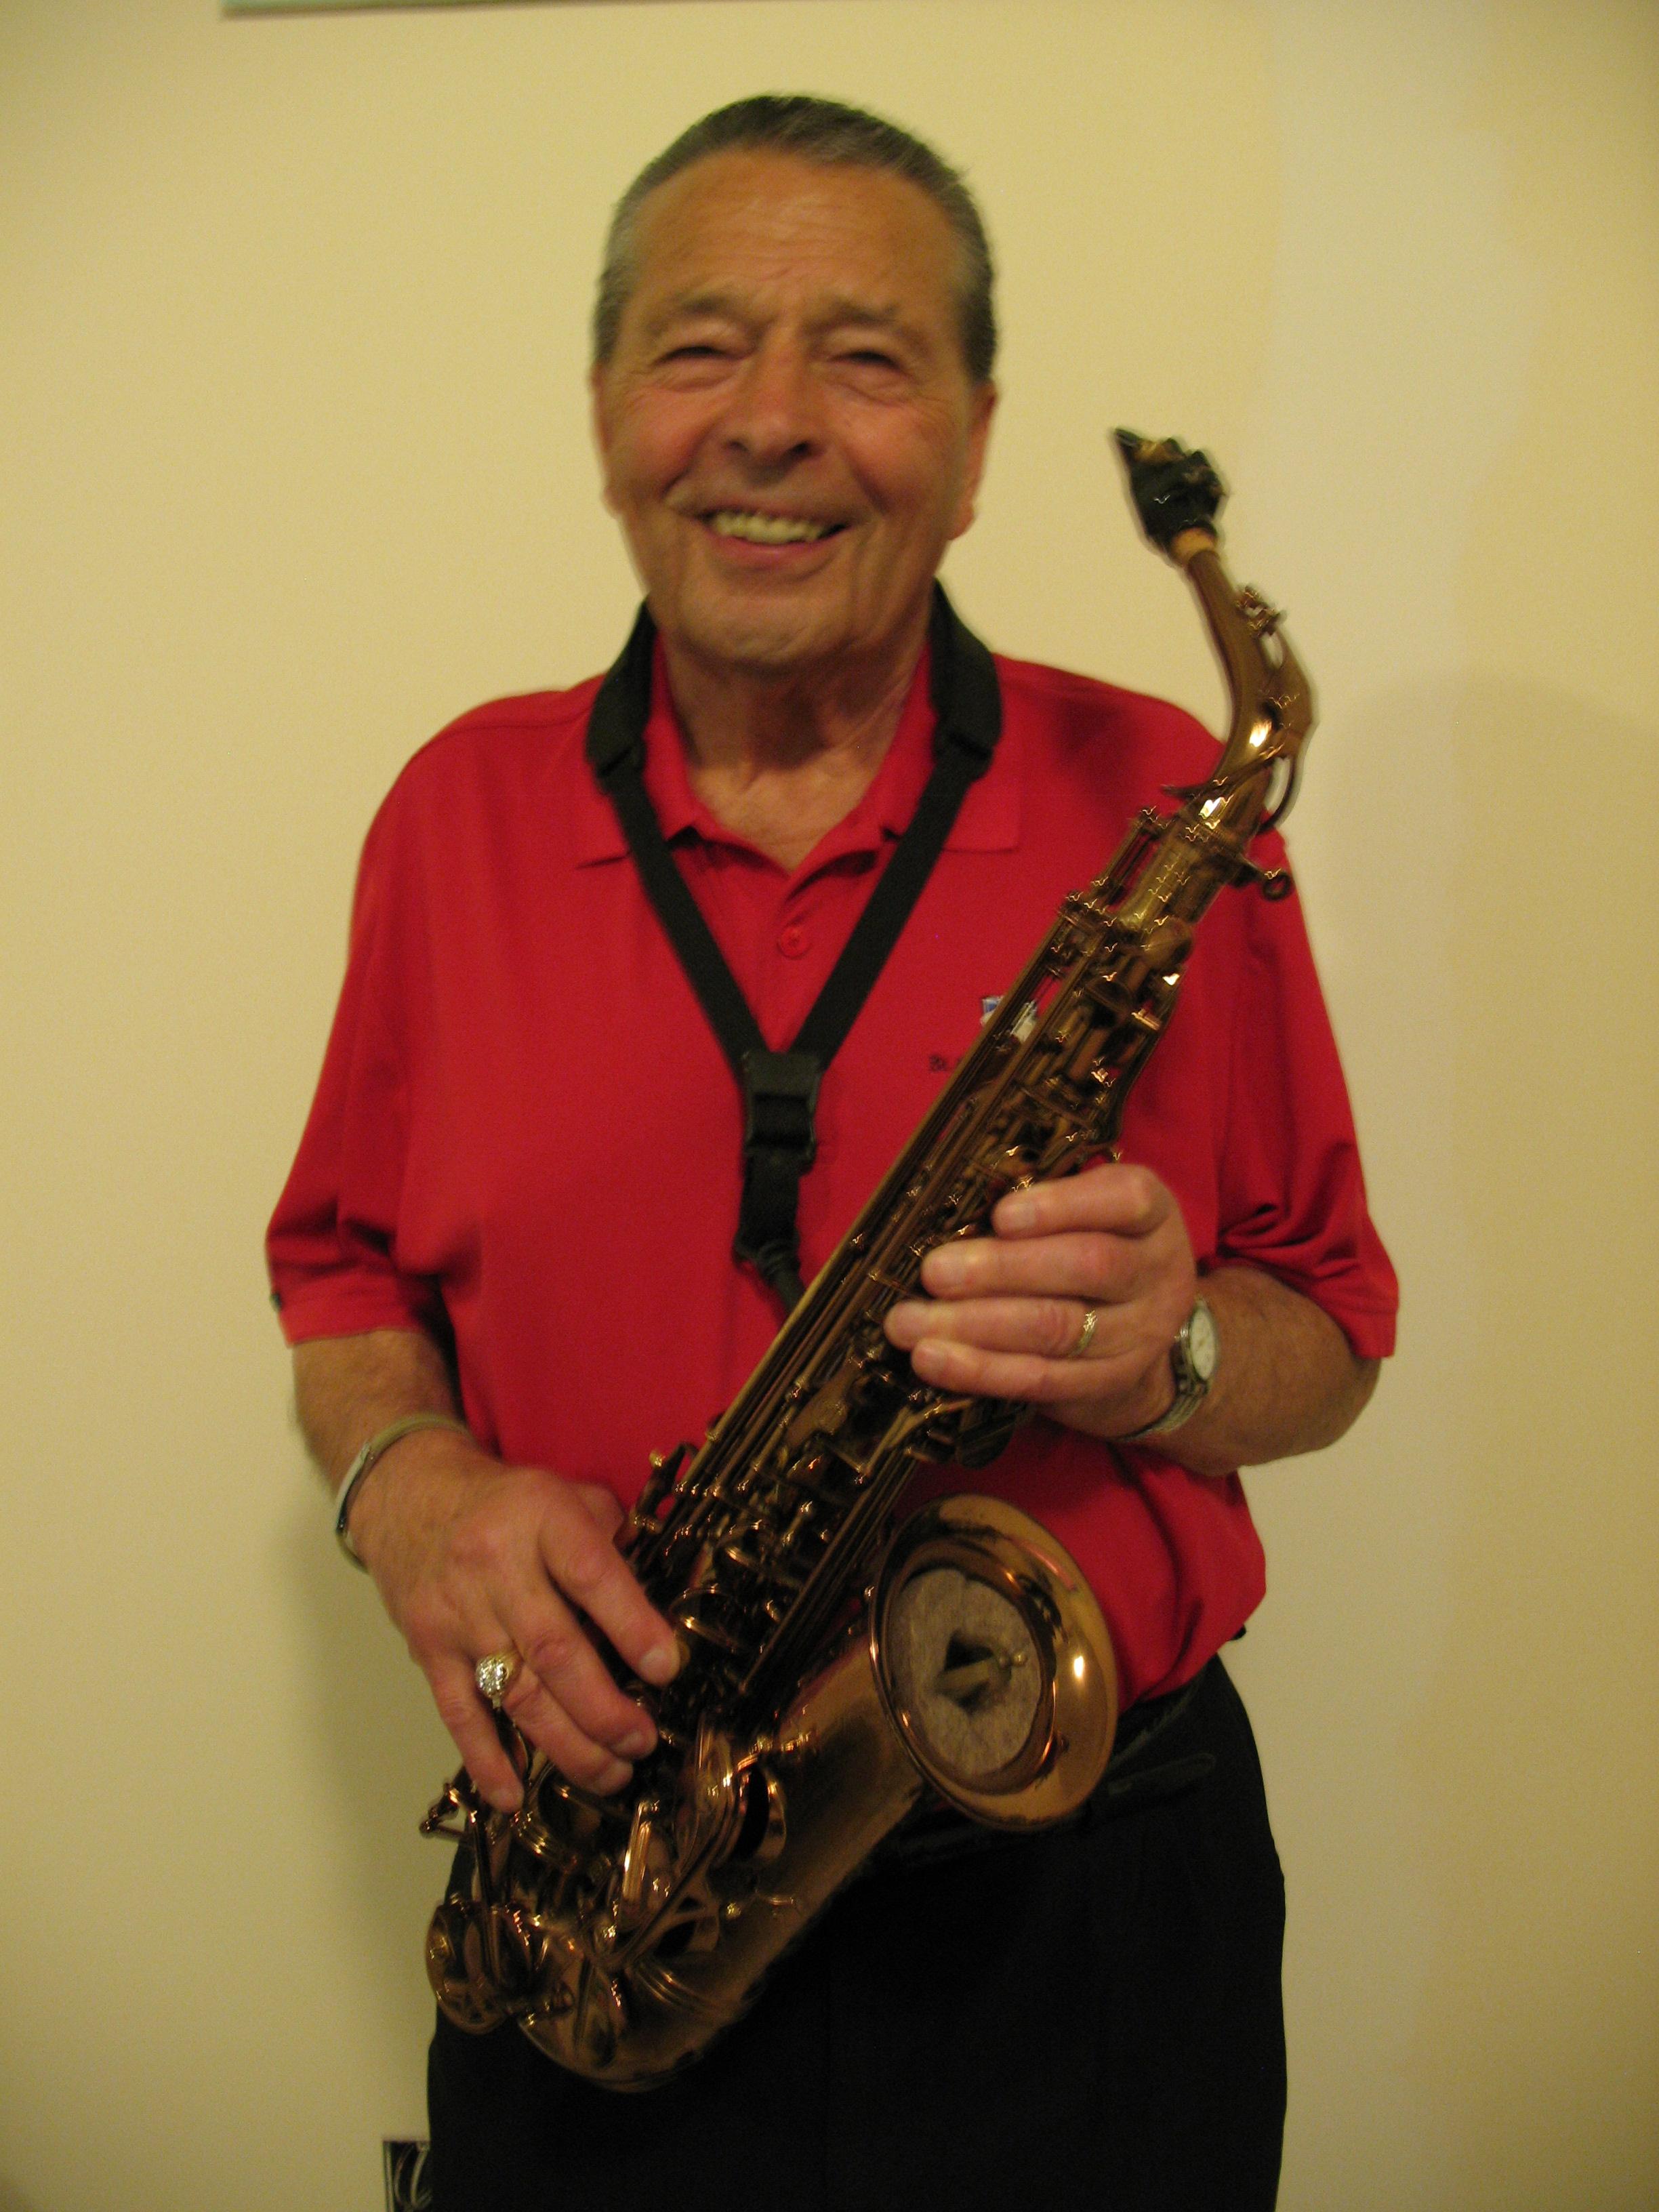 Garry Jespersen enjoys playing his sax